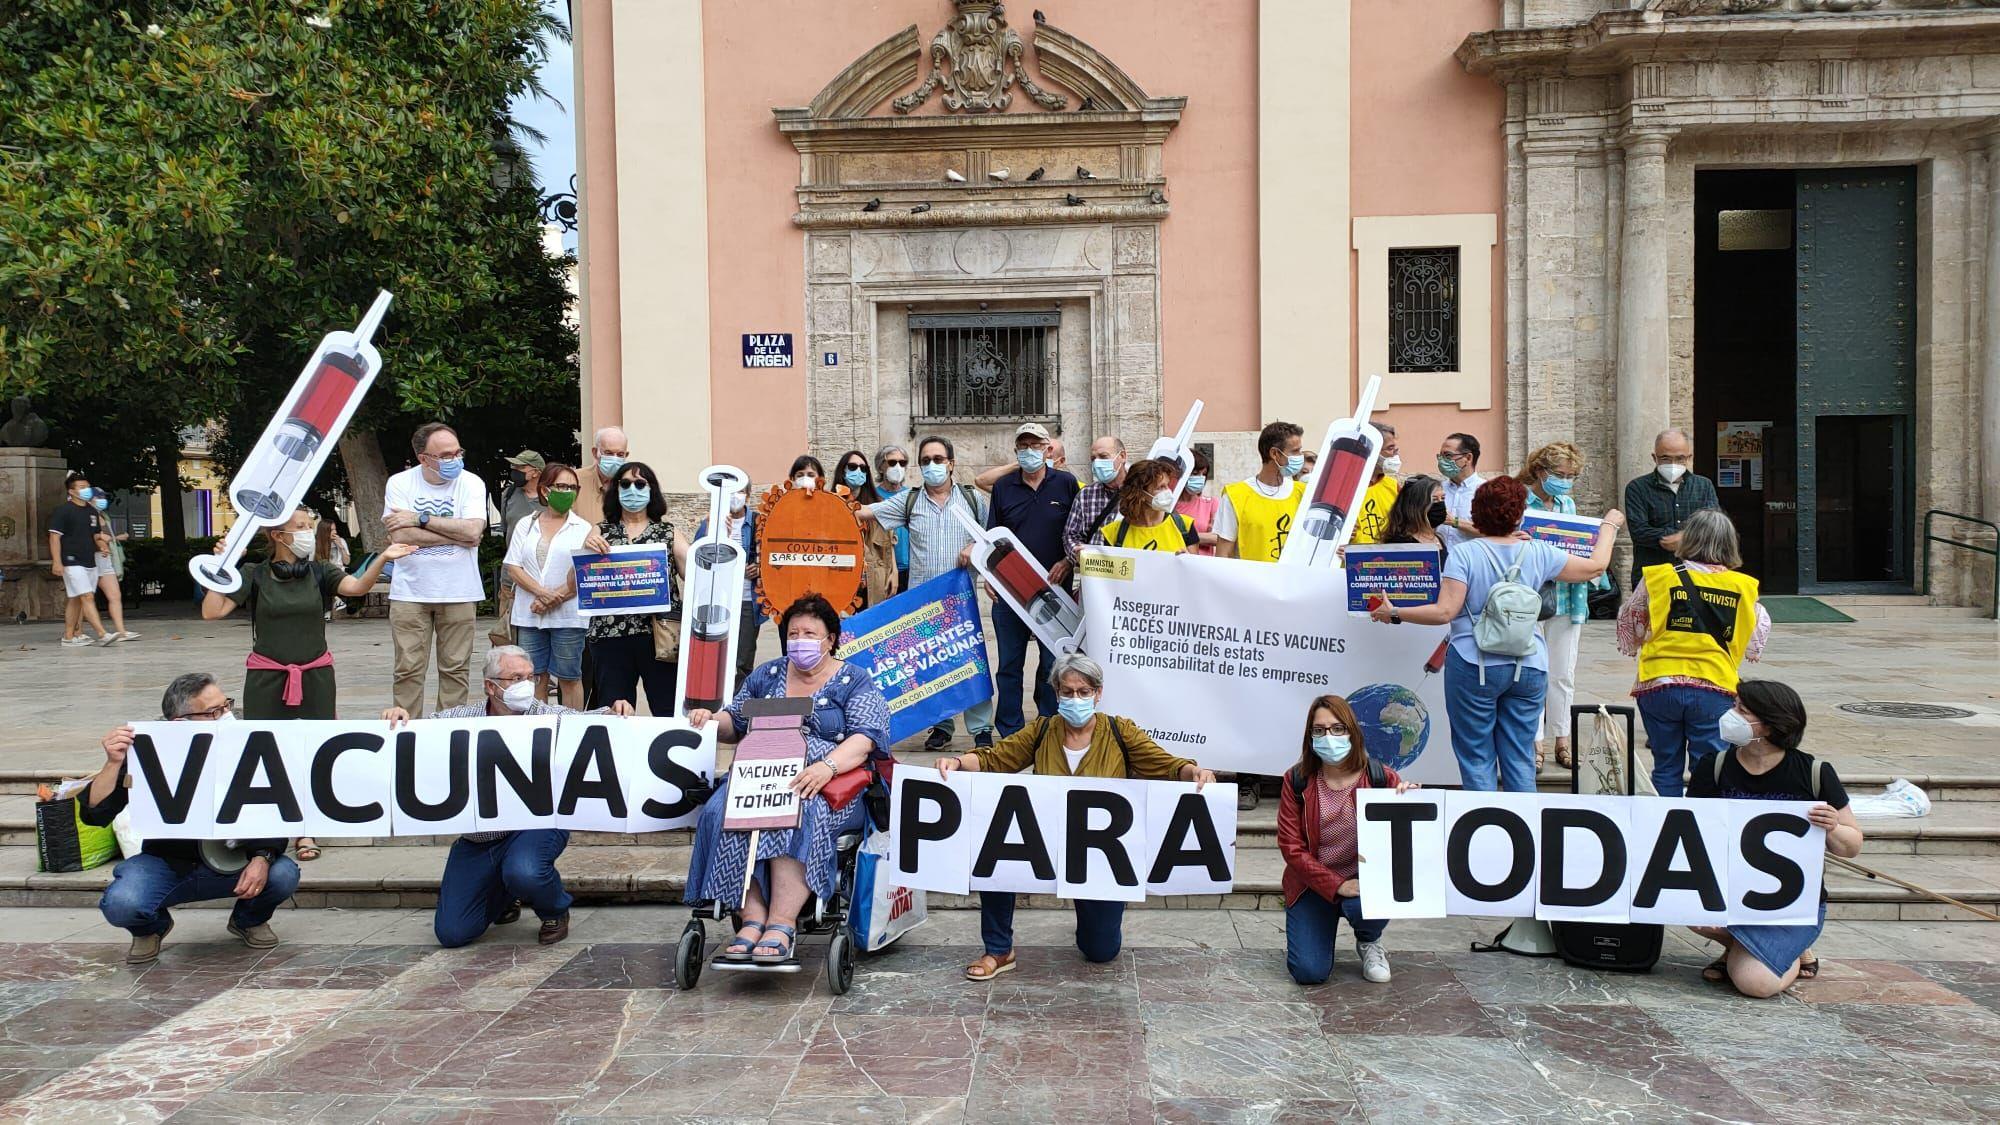 Concentración en València por la liberalización de las vacunas contra la covid-19